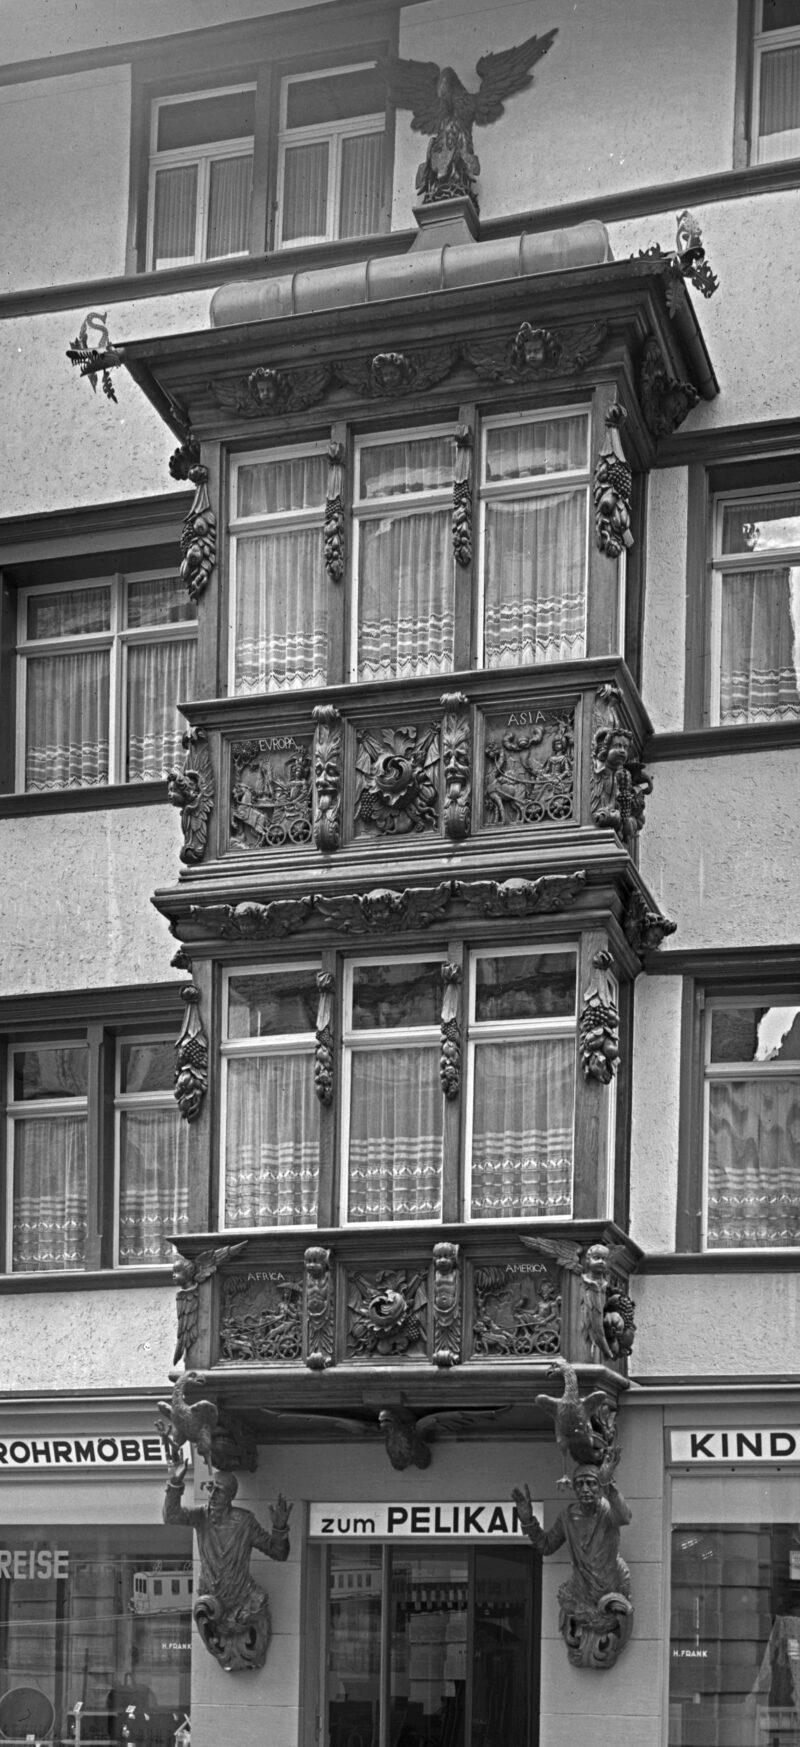 Der Erker am Haus zum Pelikan | Jahr 1707